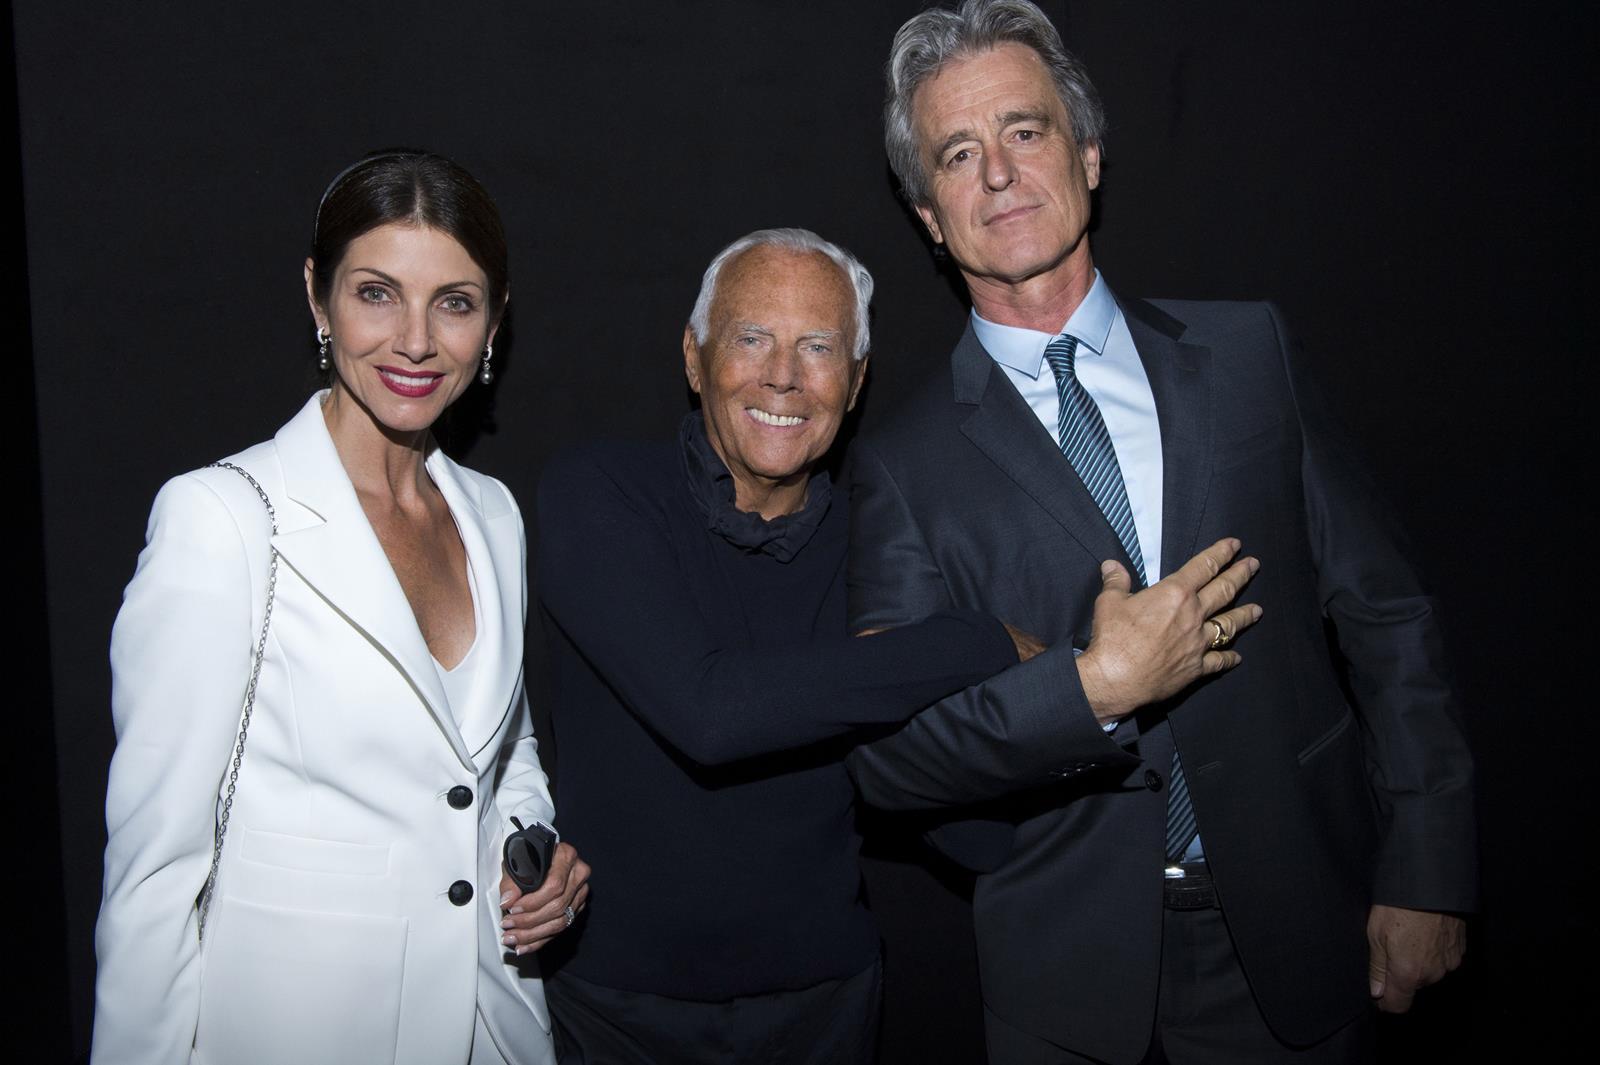 Malissa e Bobby Shriver con Giorgio Armani